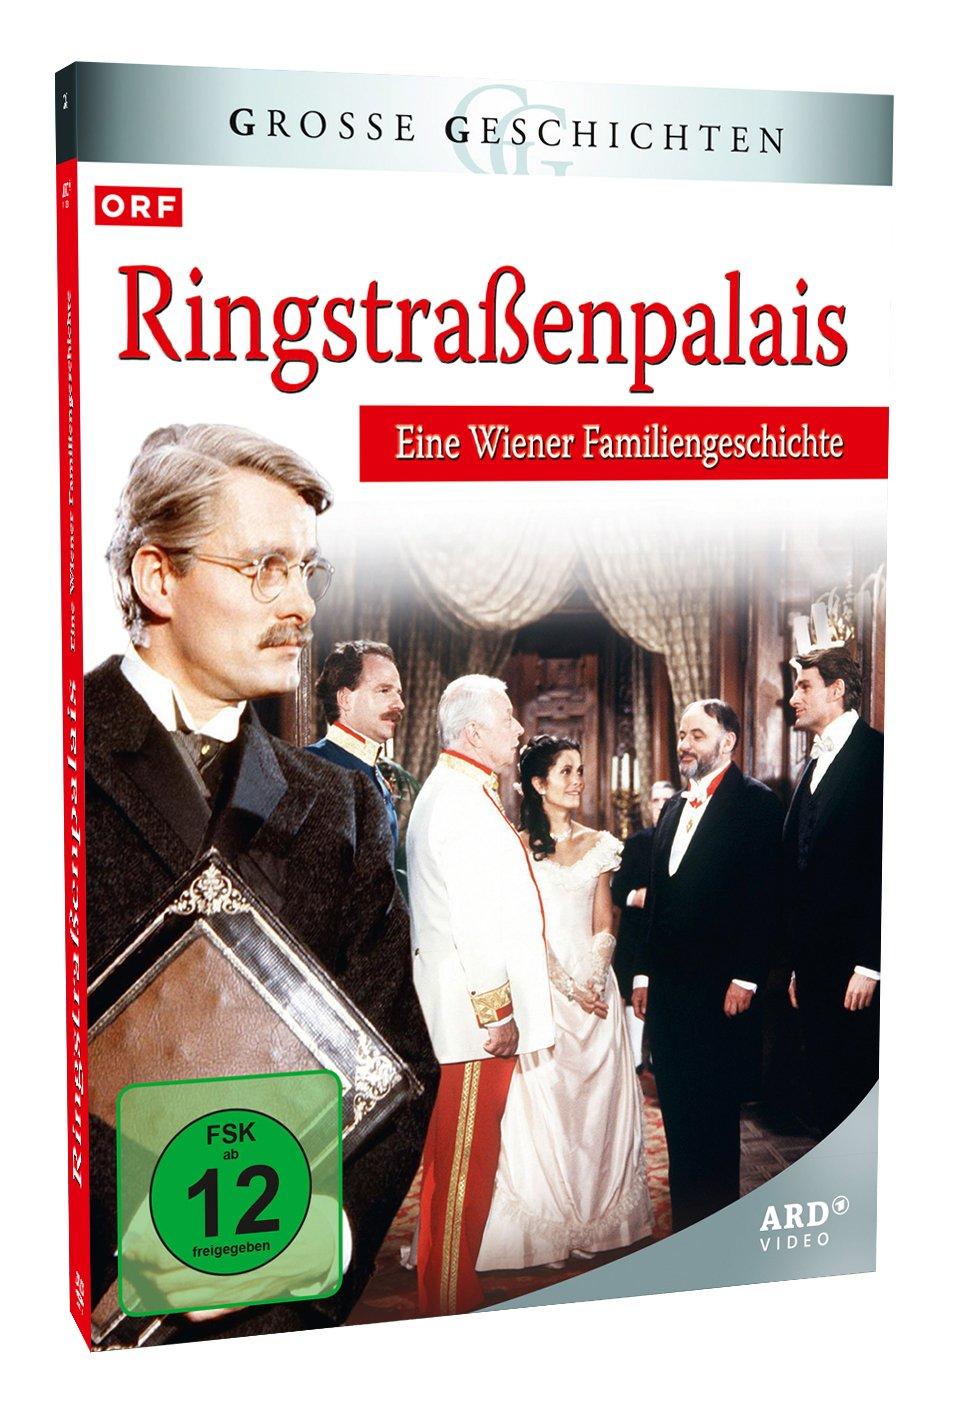 Große Geschichten Ringstraßenpalais 8 Dvds Amazonde